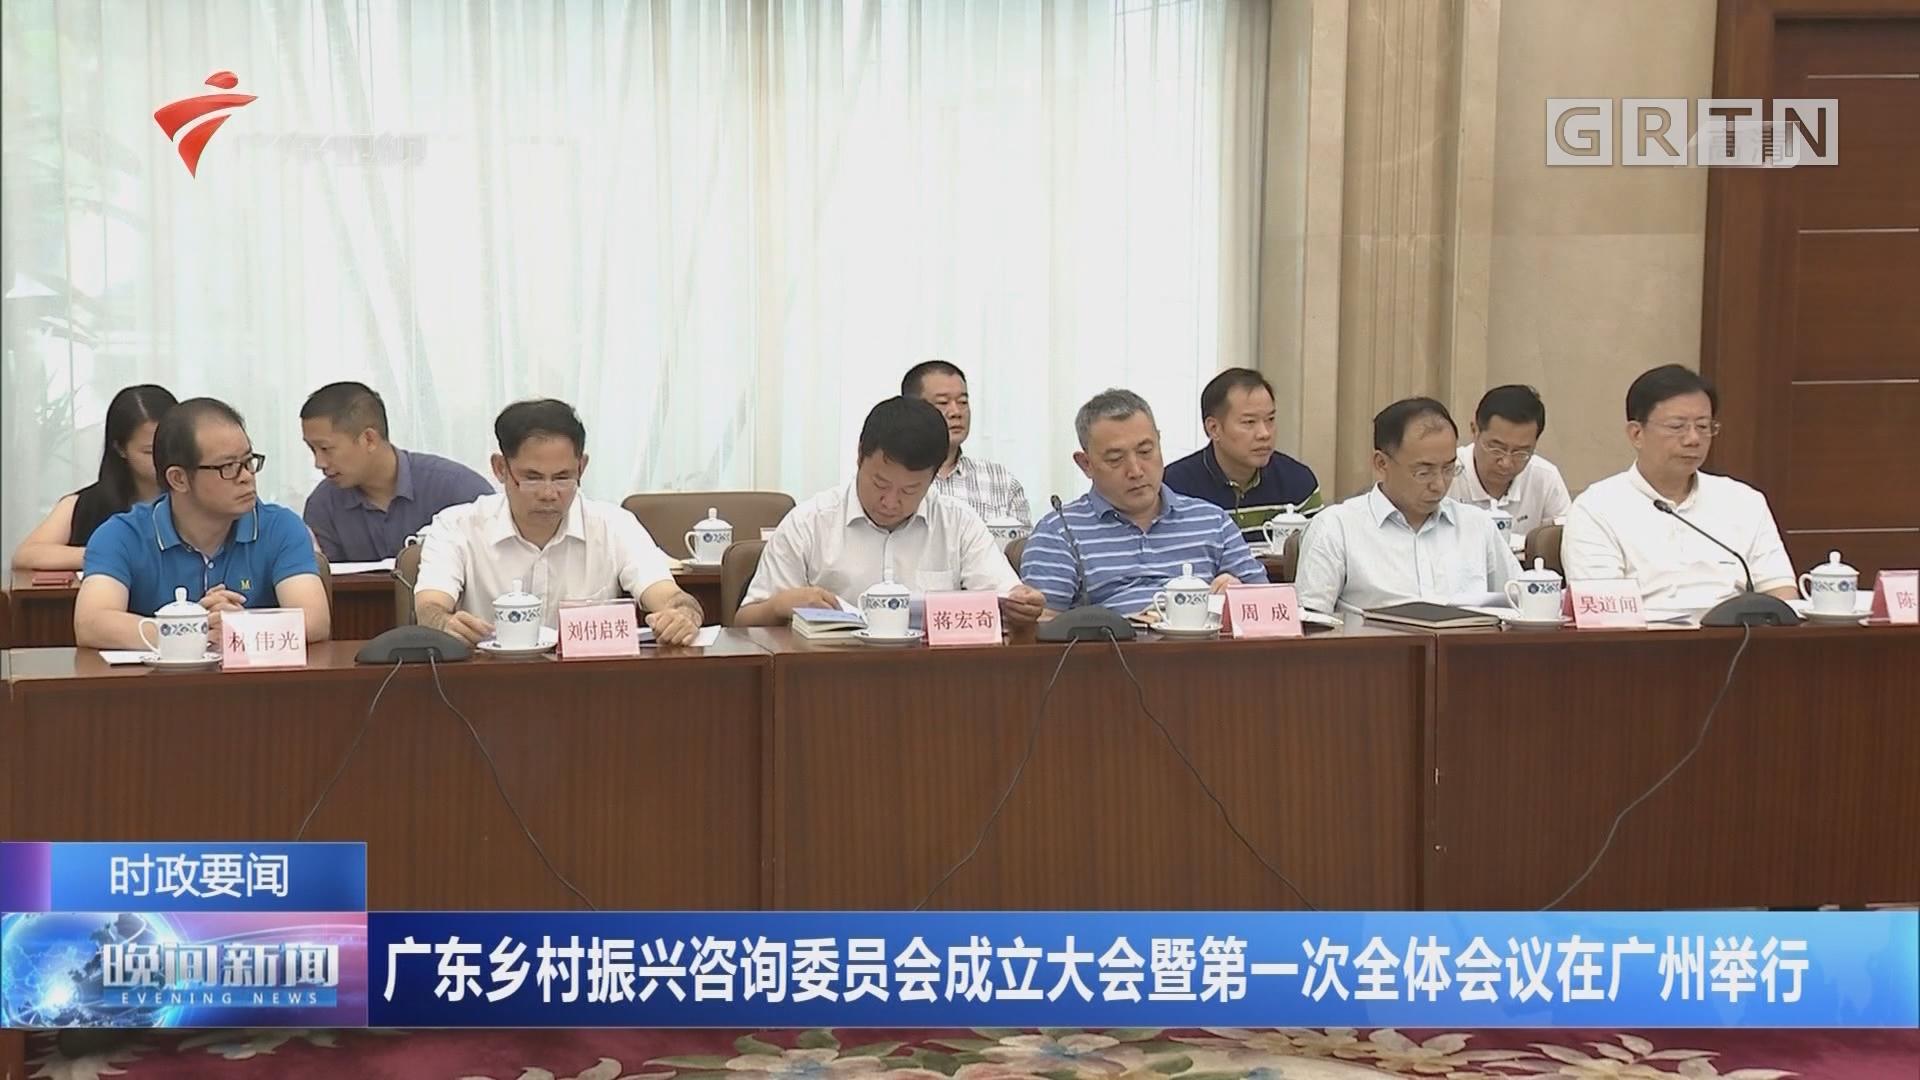 广东乡村振兴咨询委员会成立大会暨第一次全体会议在广州举行